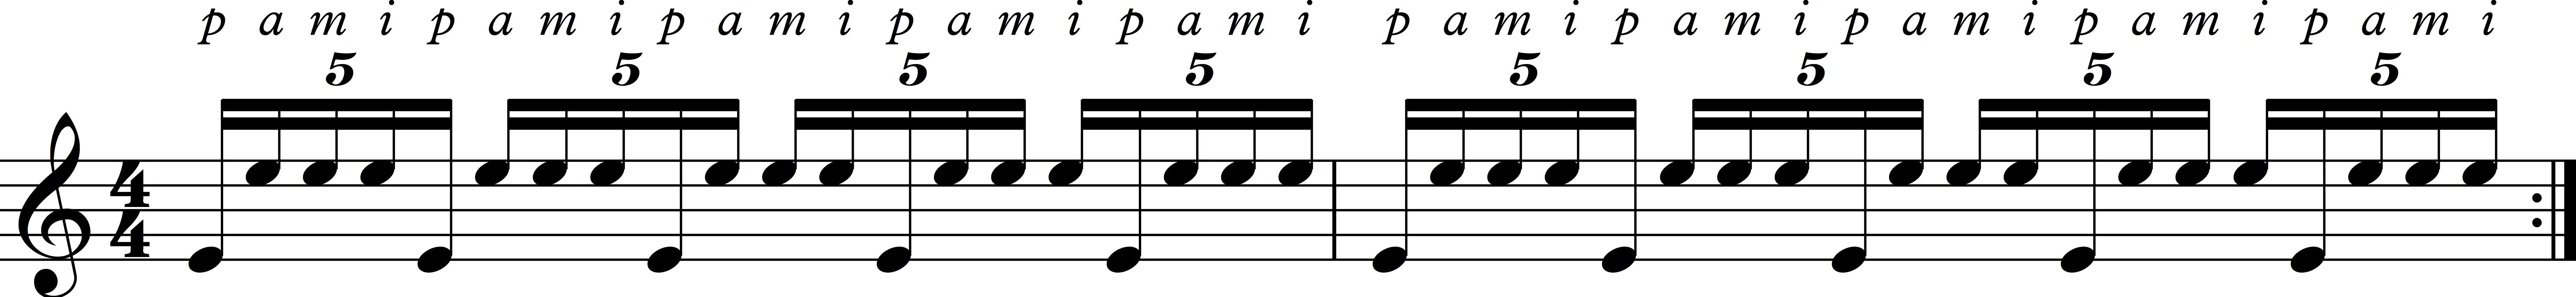 Rhythm 2 Tremolo 4.jpg